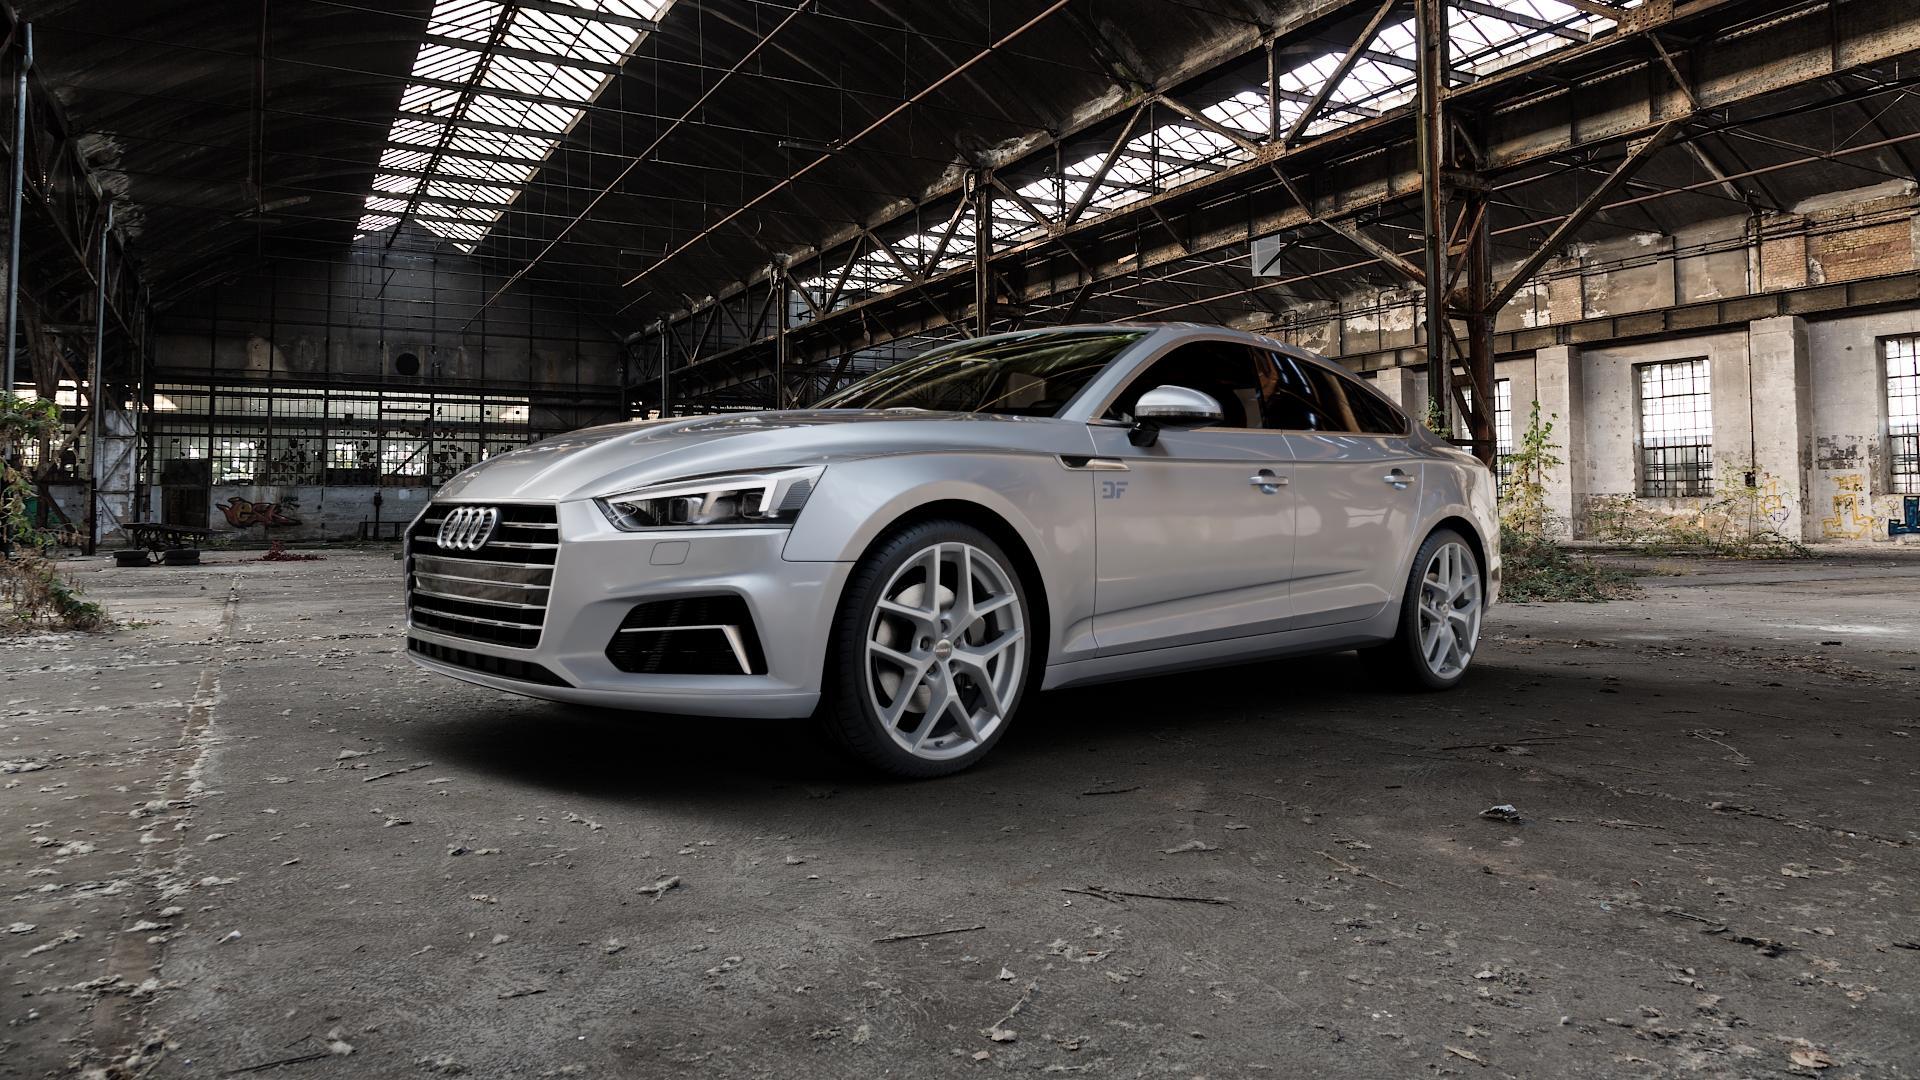 Borbet Y titan matt Felge mit Reifen grau in 19Zoll Winterfelge Alufelge auf silbernem Audi A5 Typ B9 (Sportback) 2,0l TDI 140kW (190 PS) quattro TFSI 185kW (252 3,0l 160kW (218 200kW (272 1,4l 110kW (150 183kW (249 g-tron 125kW (170 Mild-Hybrid 100kW (136 210kW (286 45 180kW (245 35 40 50 170kW (231 120kW (163 30 ⬇️ mit 15mm